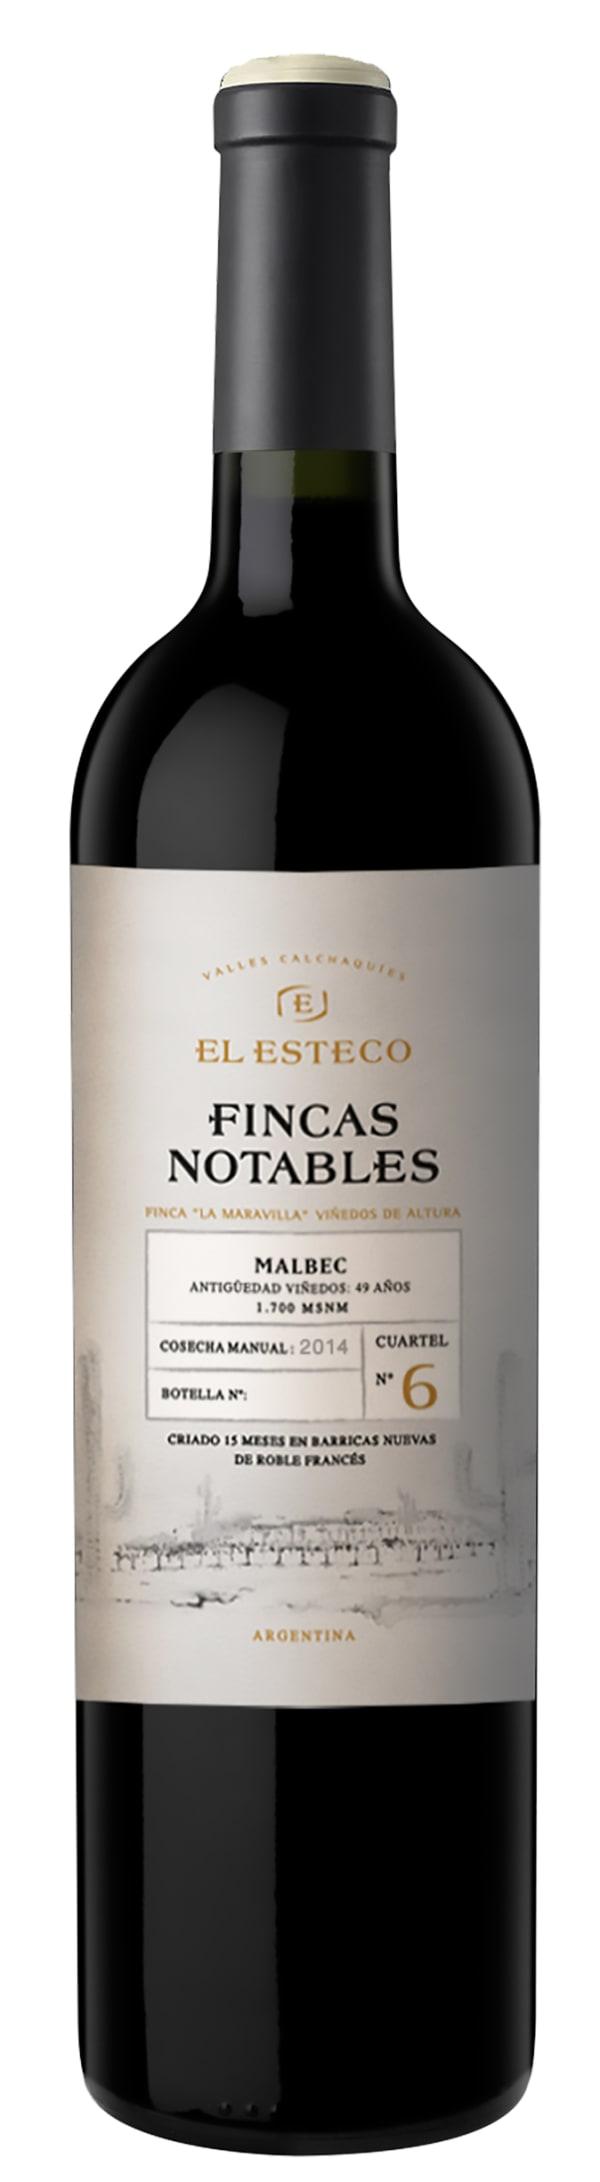 El Esteco Fincas Notables Malbec 2015